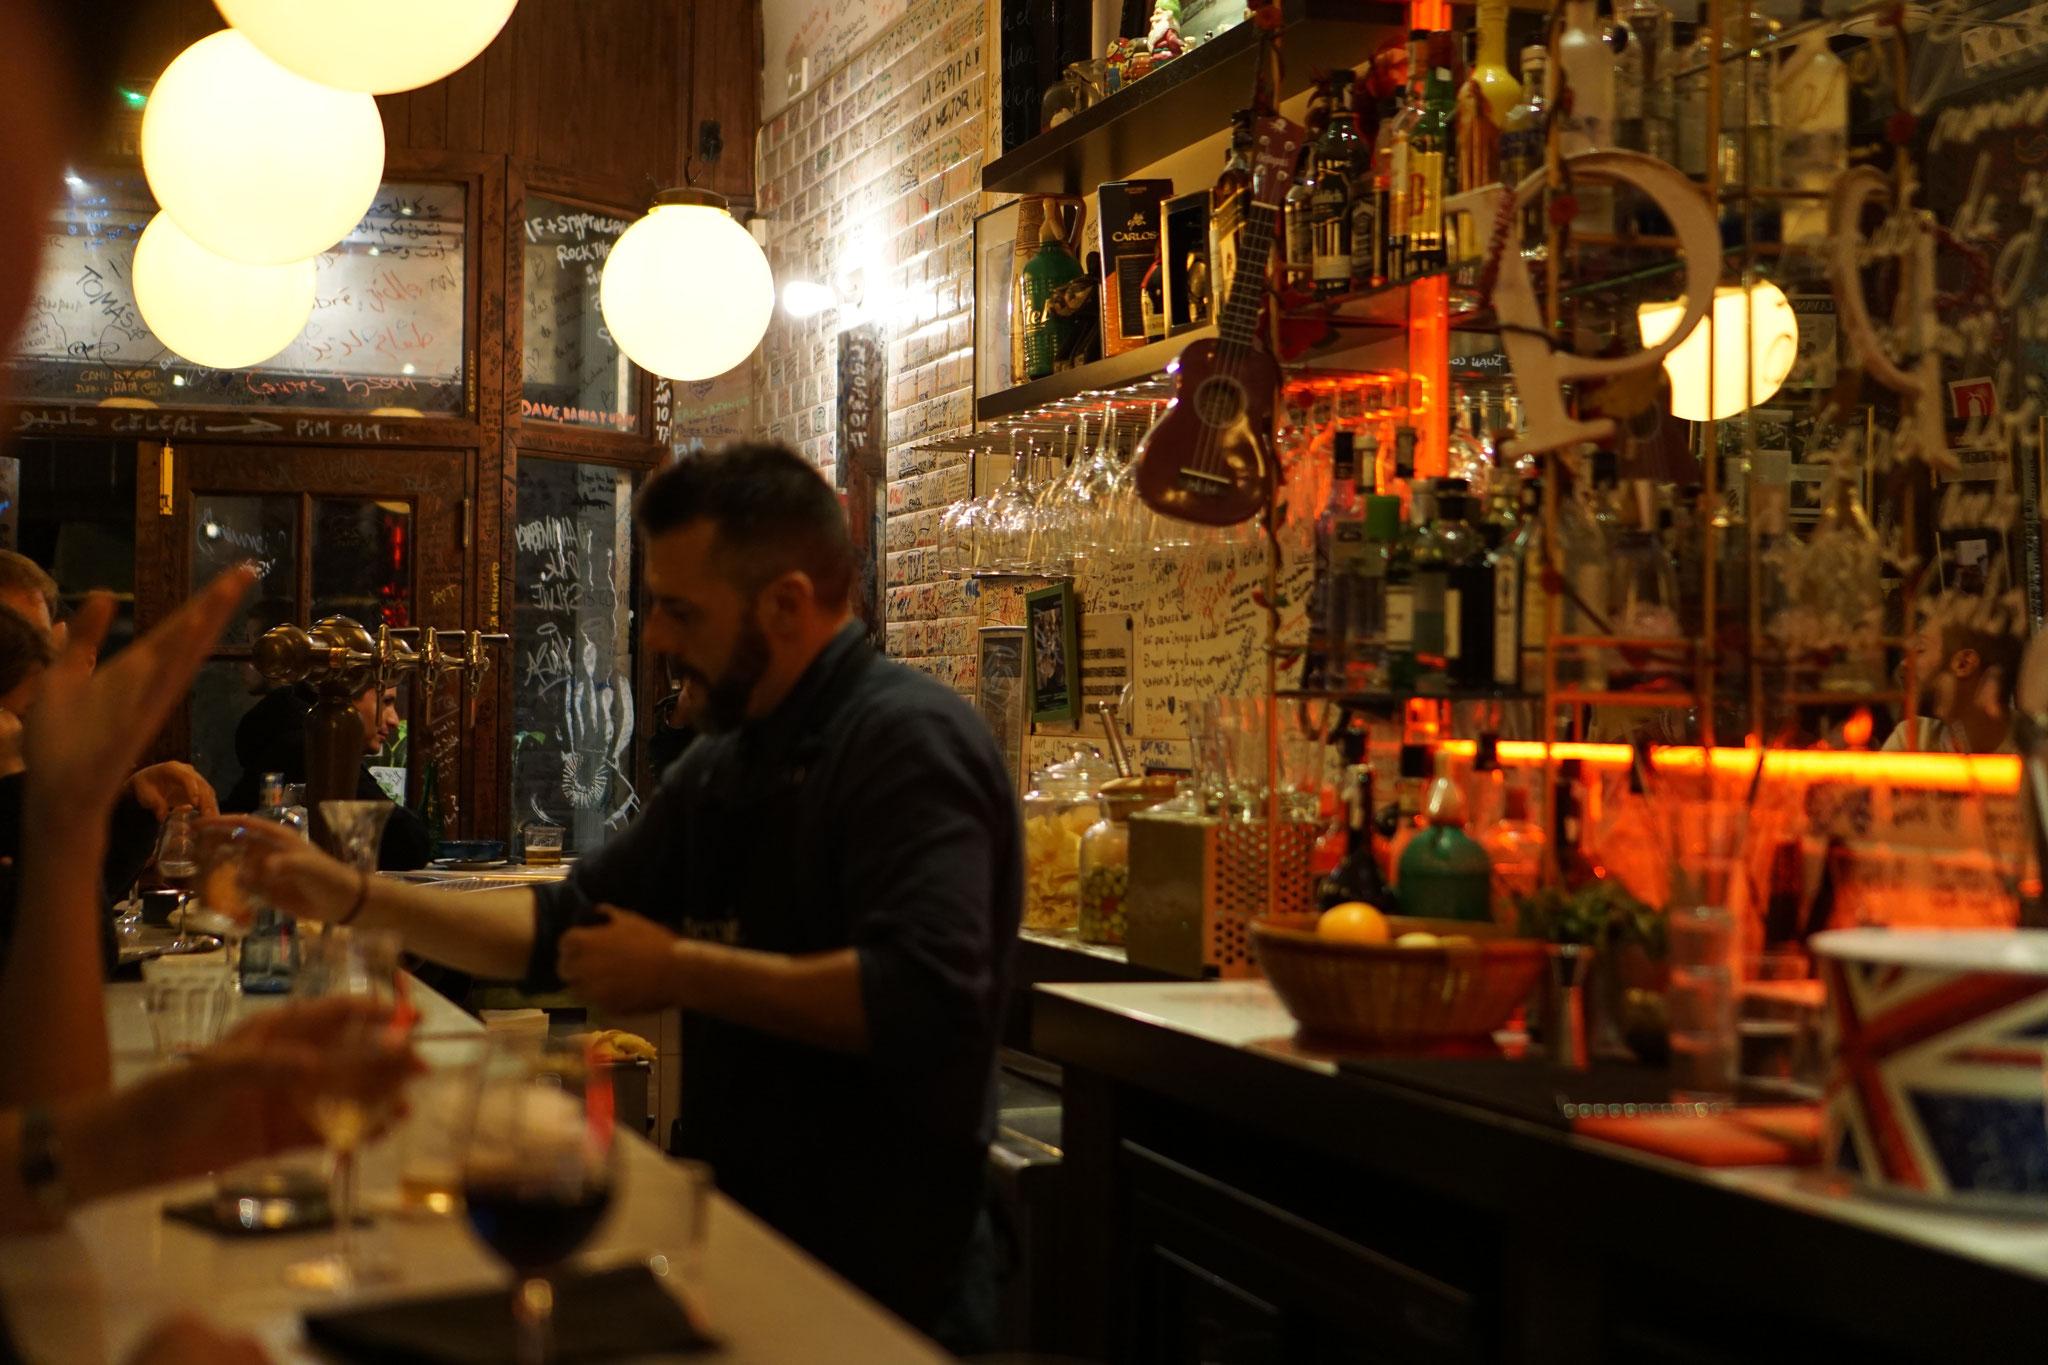 image 8 8 1 8 | Barcelona ist unsere absolute Lieblingsstadt und wir versuchen mindestensalle 2 Jahre dorthin zu reisen. Nicht nur, dass die spanische Großstadt unglaublich vielseitig ist, auch kulinarisch weiß sie voll und ganz zu überzeugen. Denn auch hier zeigt sich die Wandelbarkeit der Stadt, die sowohl einen wunderschönen Strand aber auch ein urbanes, pulsierendes Stadtleben zu bieten hat. Daher wurde es höchste Zeit, dass wir euch unsere Lieblingsrestaurants in Barcelona vorstellen, denn hier gibt es definitiv nicht nur Tapas (auch wenn Tapas grandios sind).